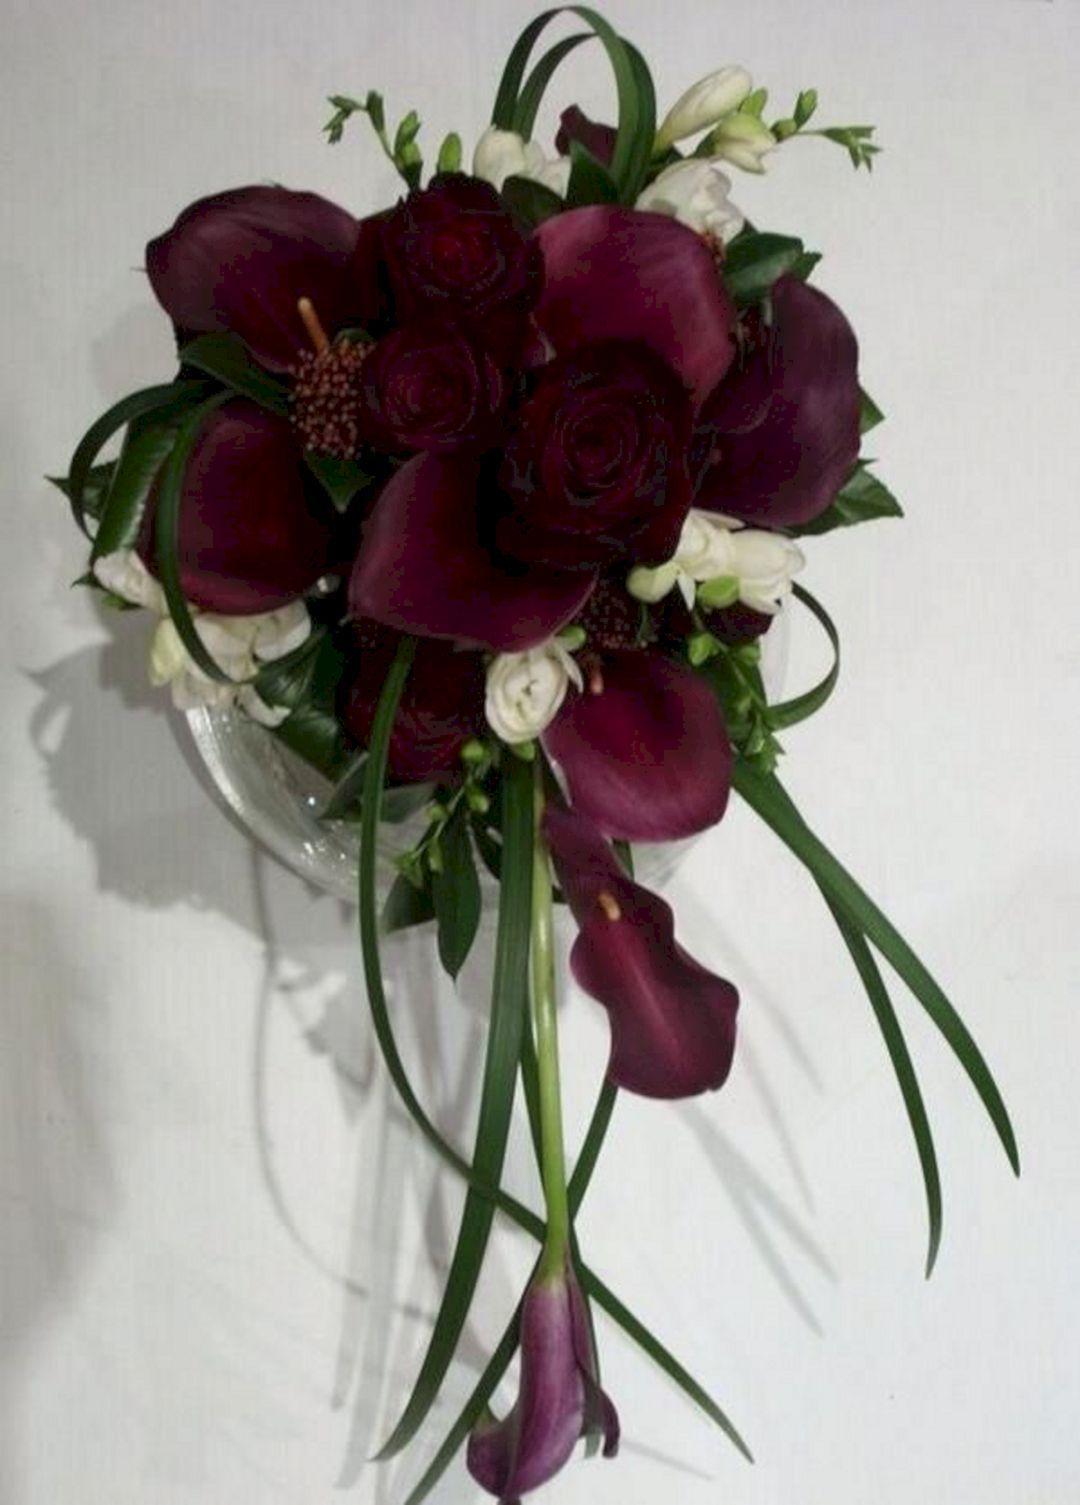 Burgundy Calla Lily Wedding Bouquet Ideas 23 wedding